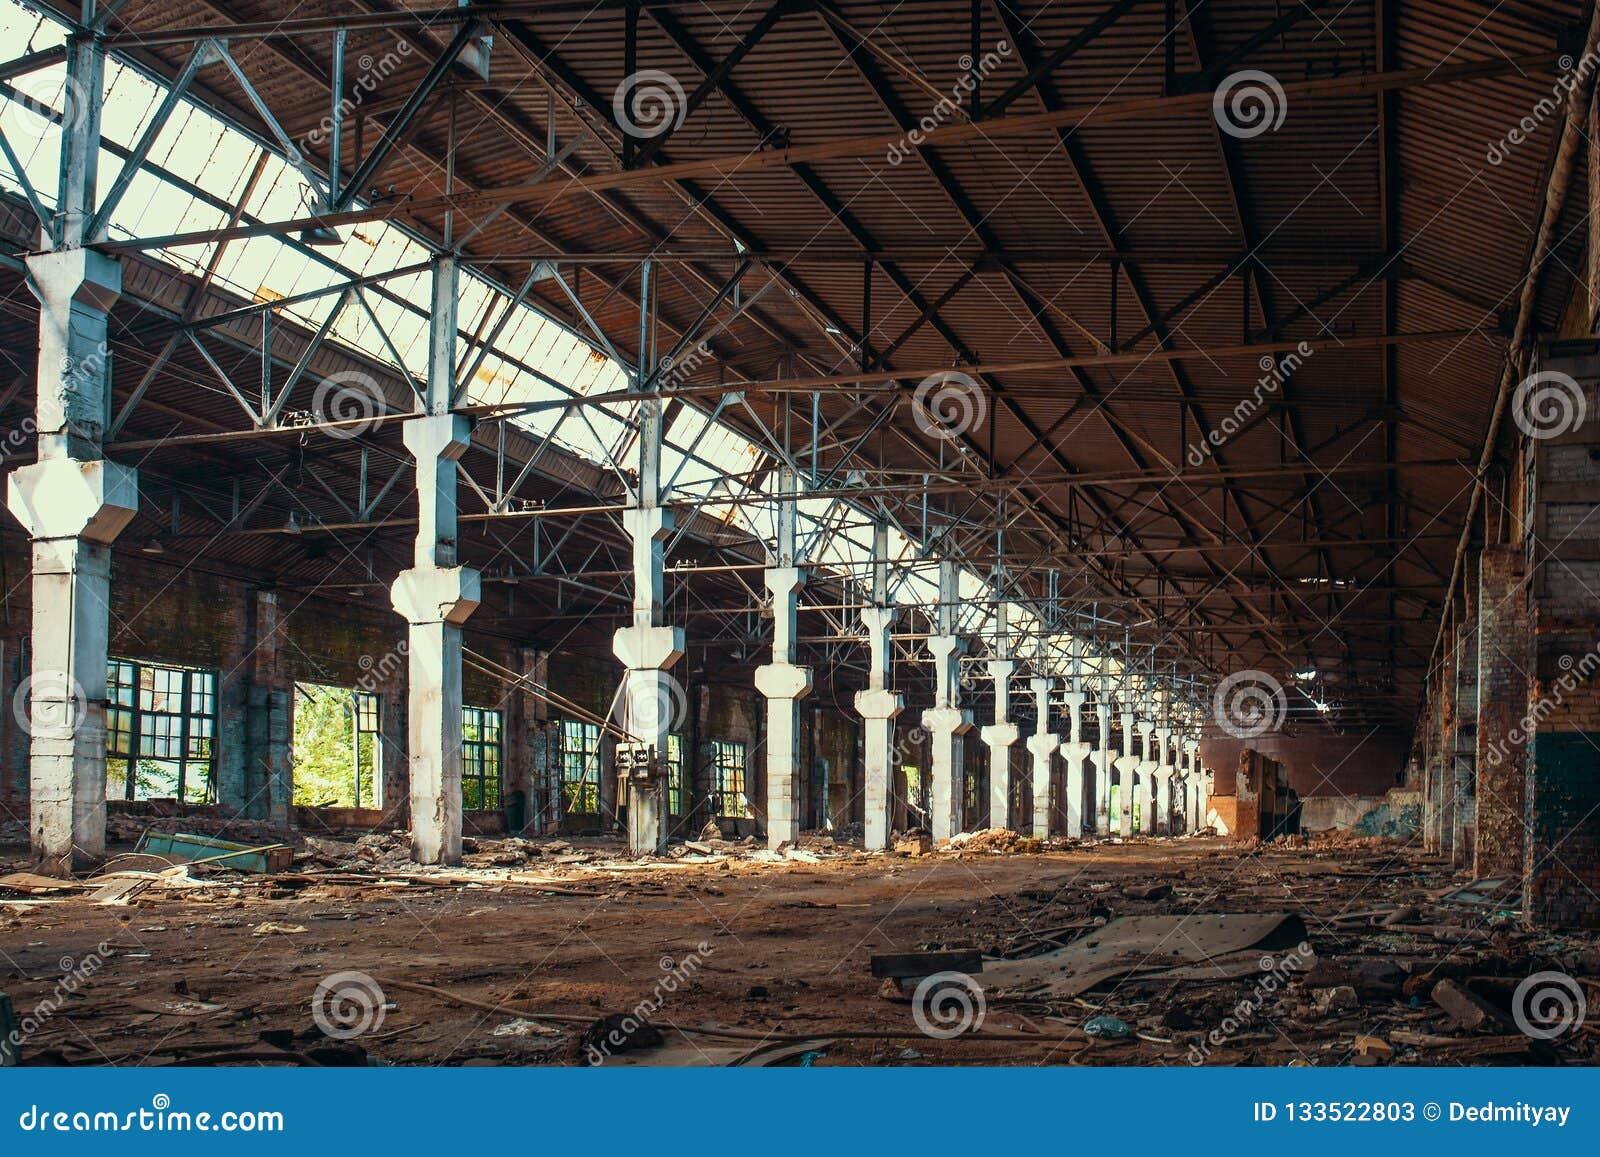 Ruinas de la fábrica o del almacén abandonada con las columnas, la constricción industrial espeluznante y vacía grande